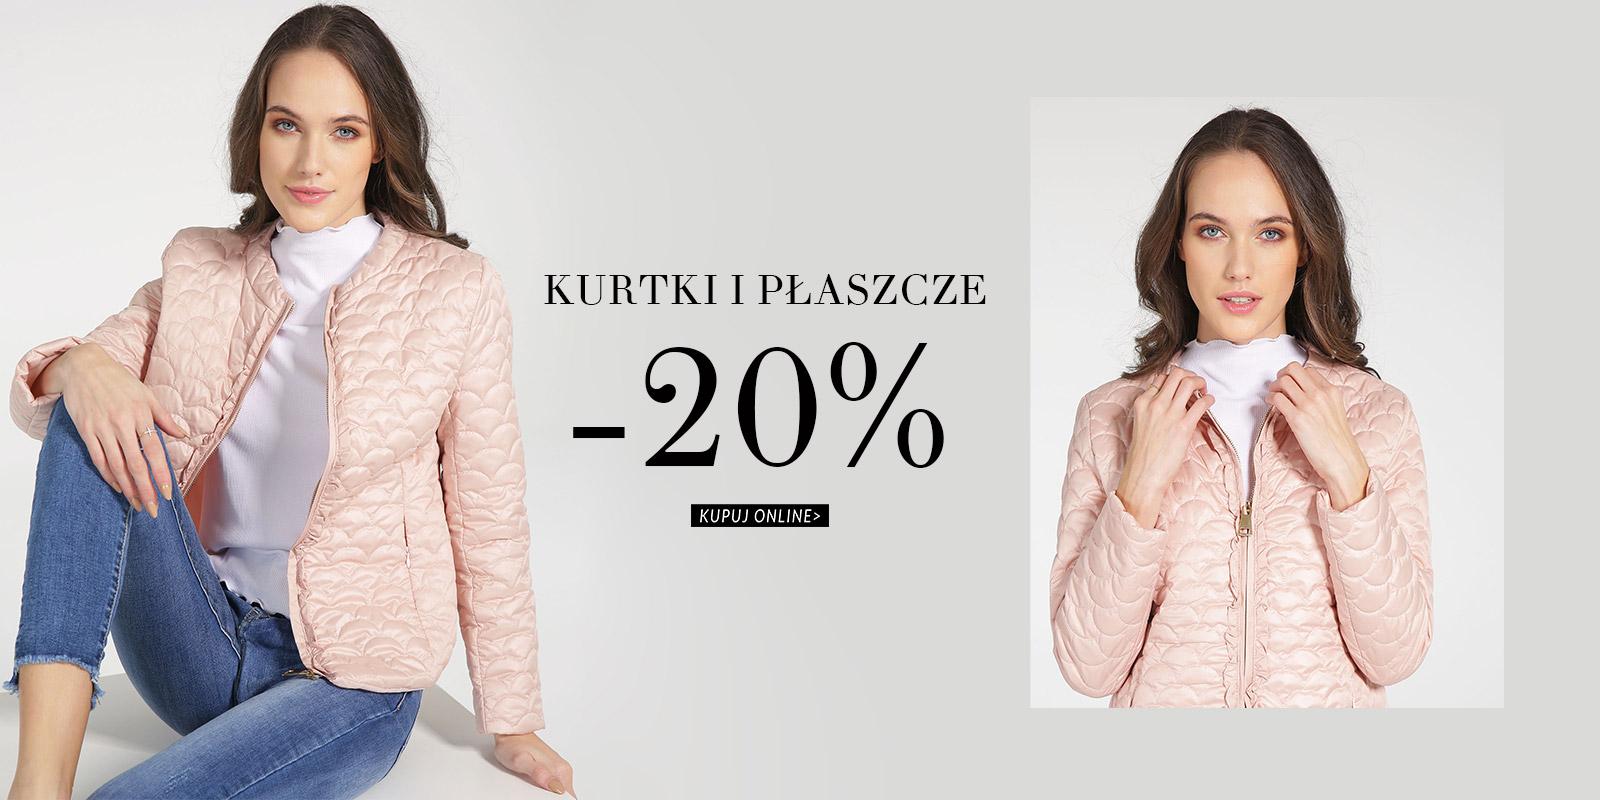 Venezia: 20% rabatu na kurtki i płaszcze damskie